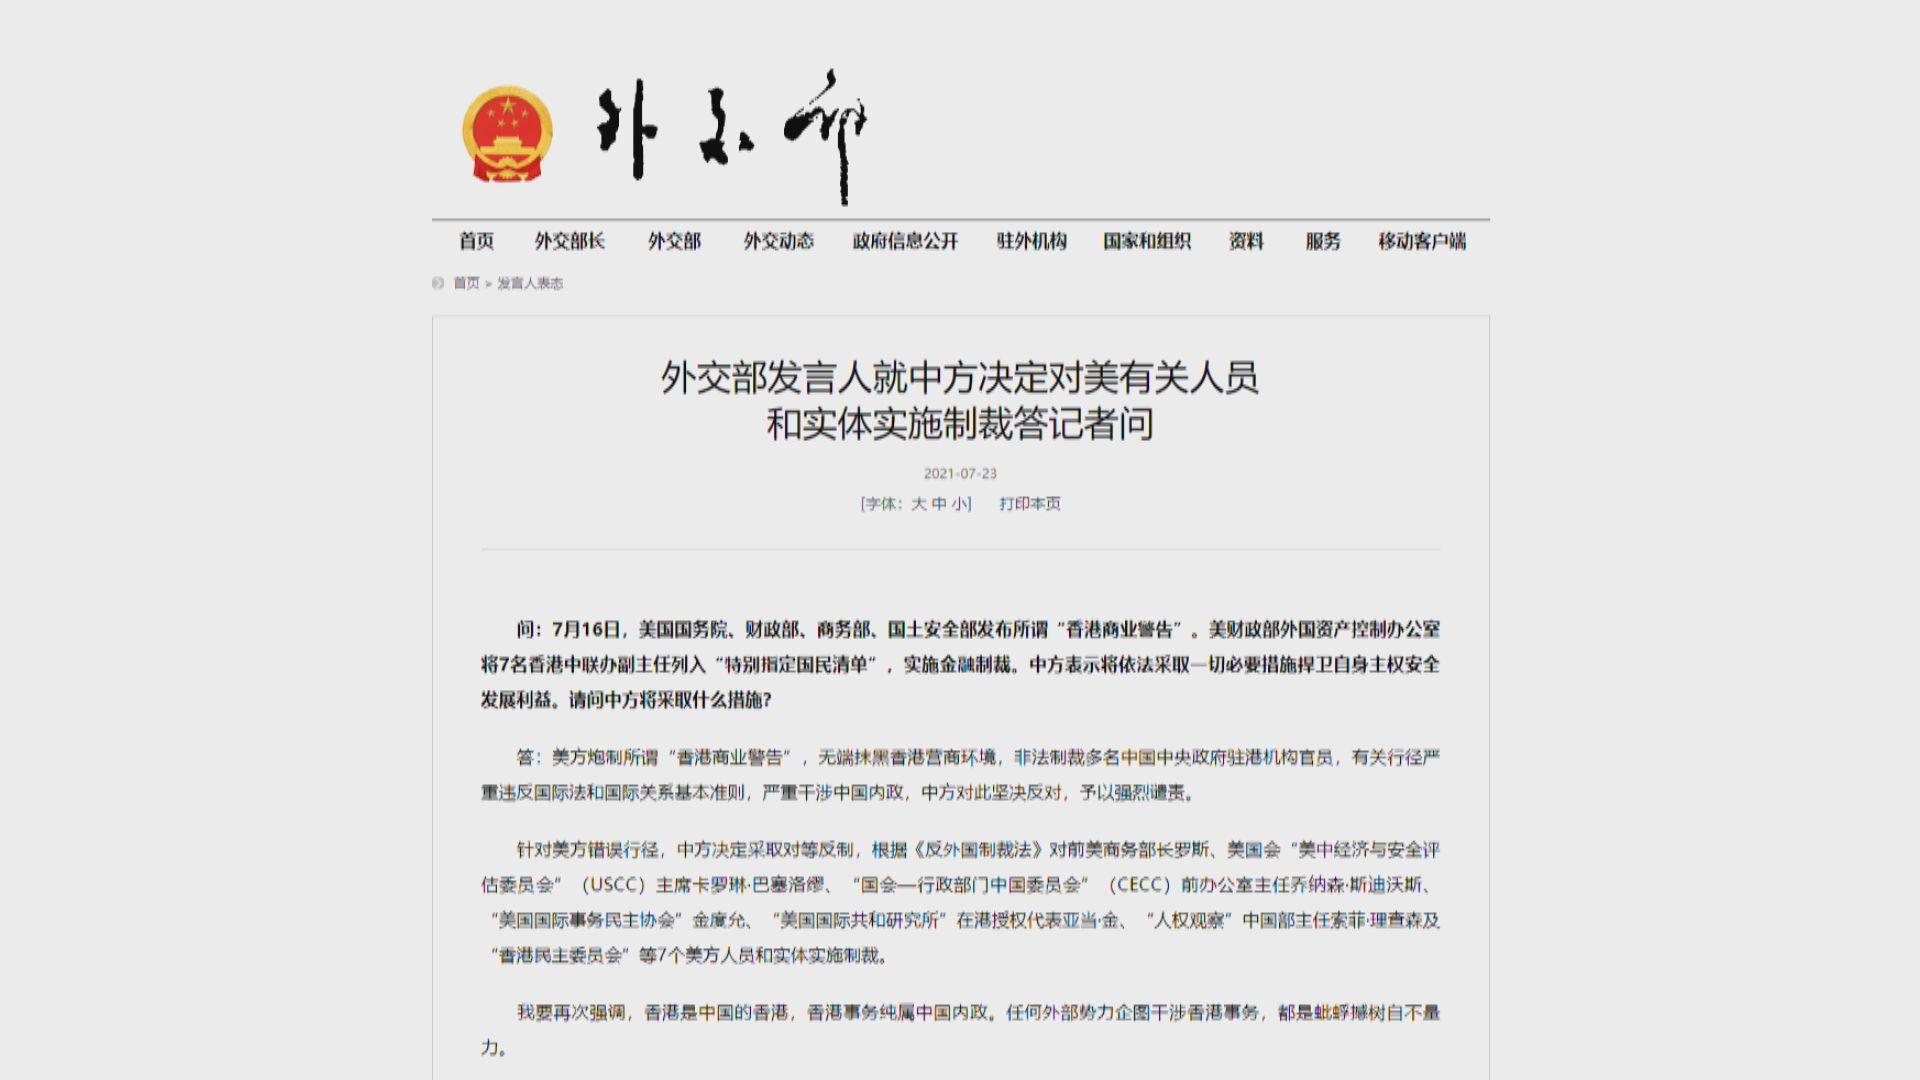 中國首引用反外國制裁法 制裁七名美方人員及實體